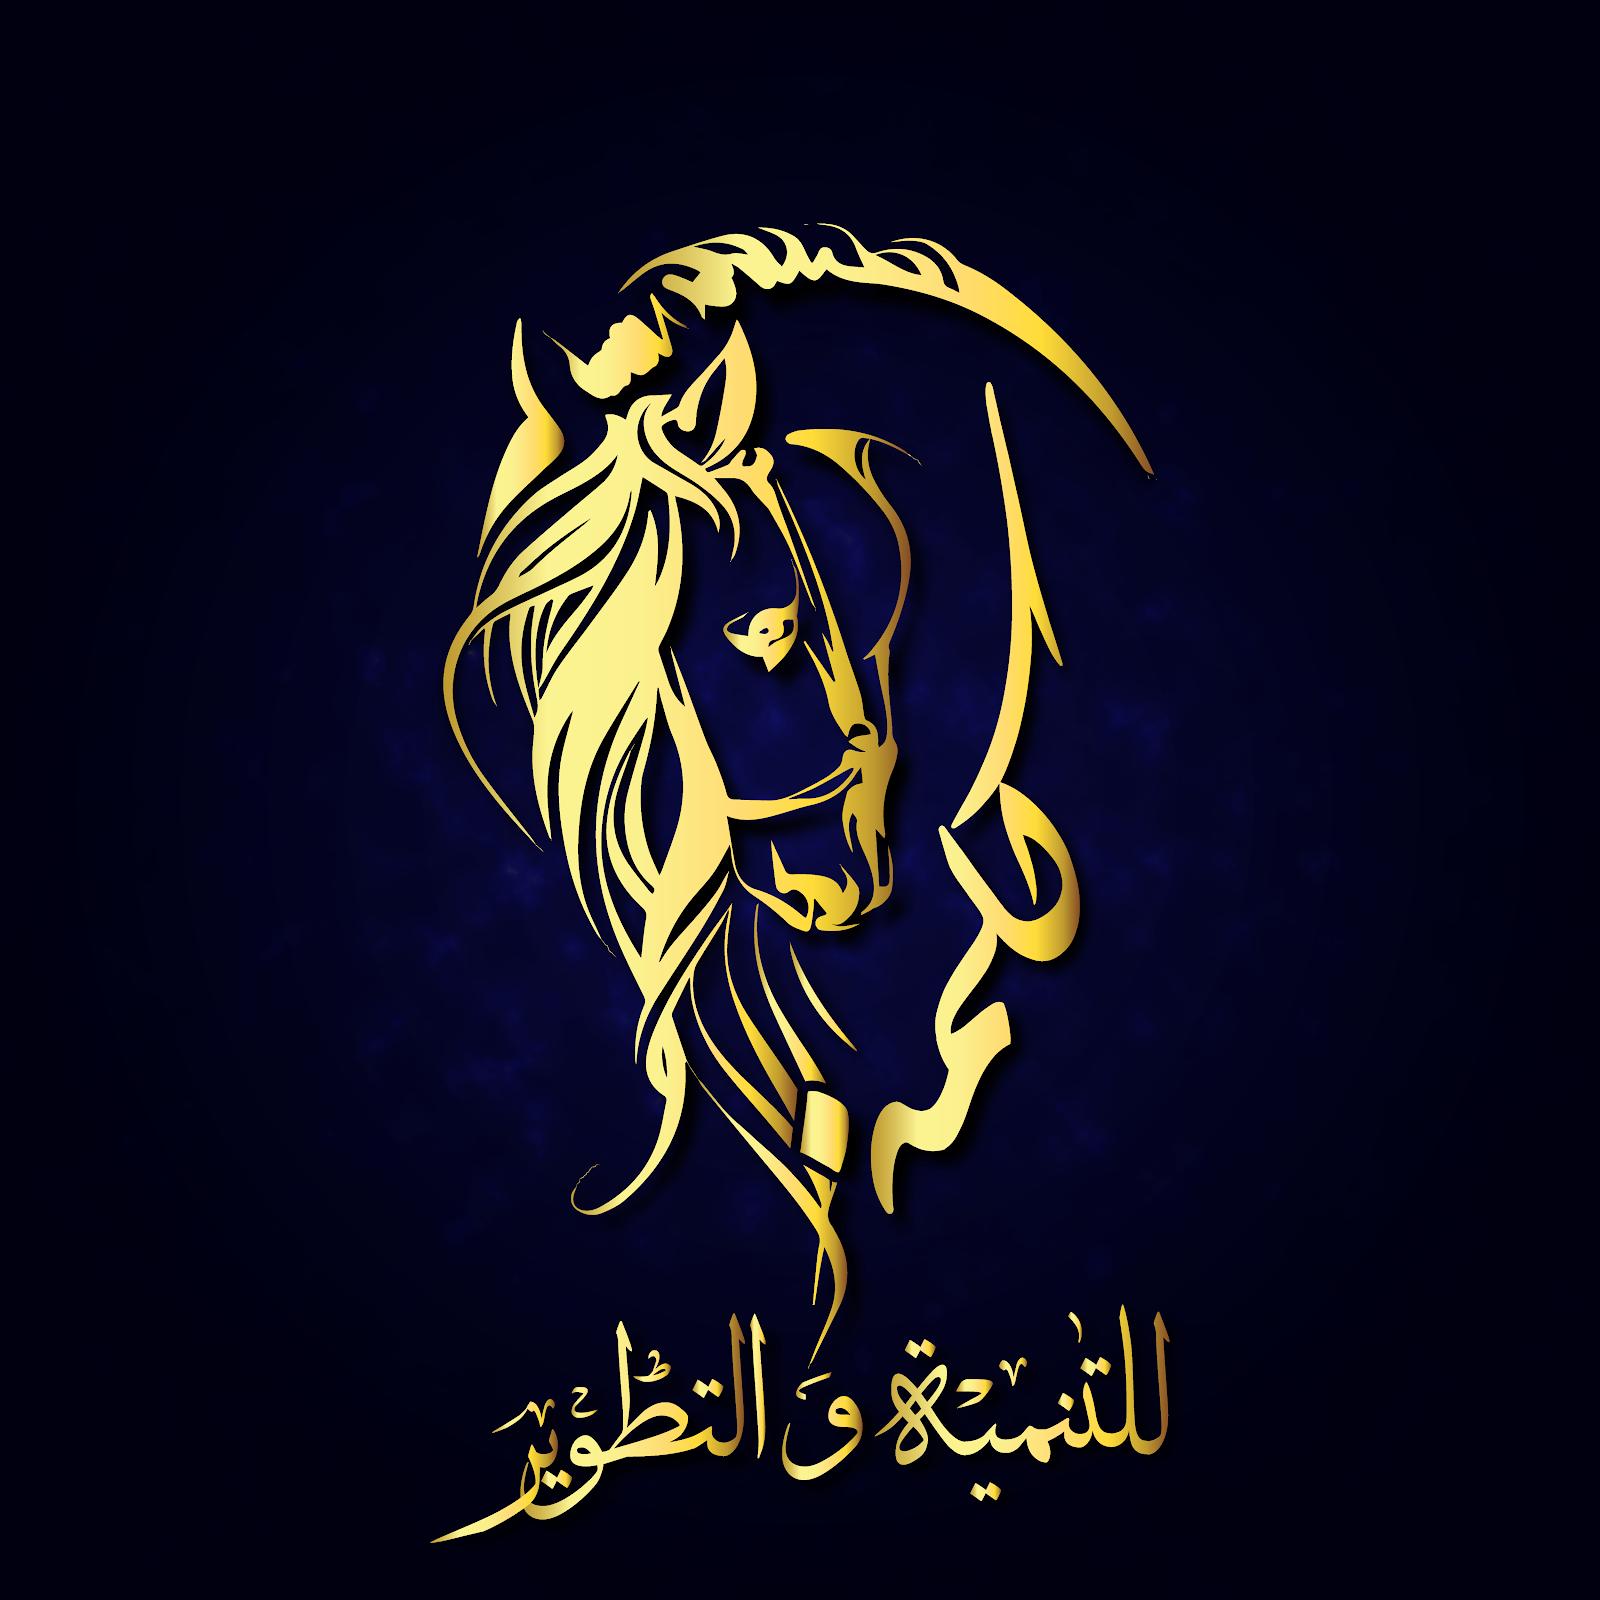 تصميم شعار على كل من برنامج الكلك و الإليستراتور و الفوتوشوب